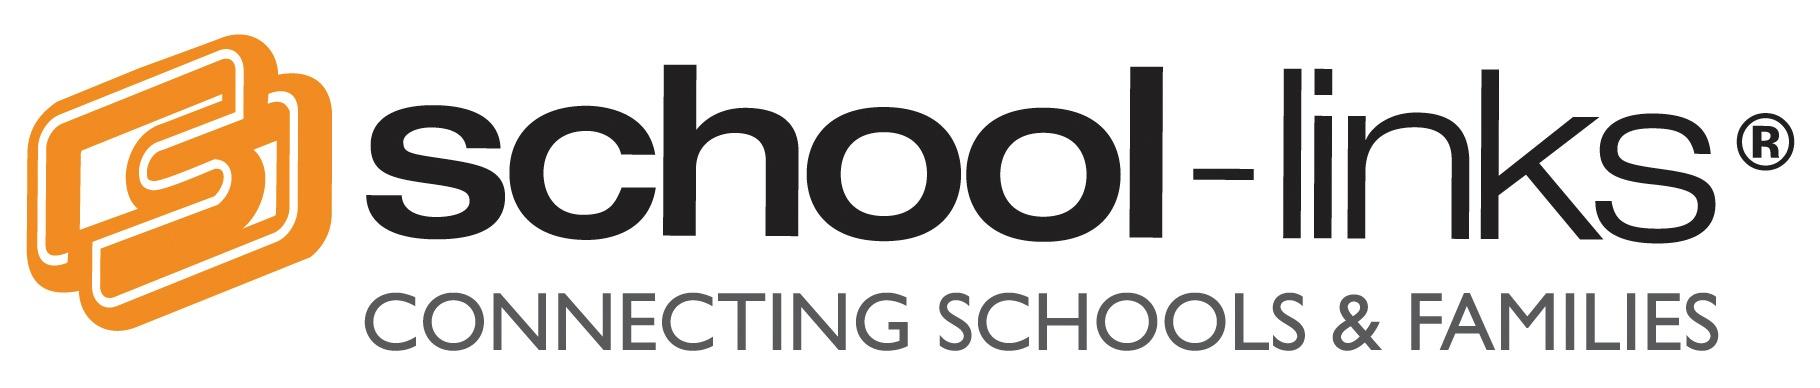 School Links Connecting Schools & Families